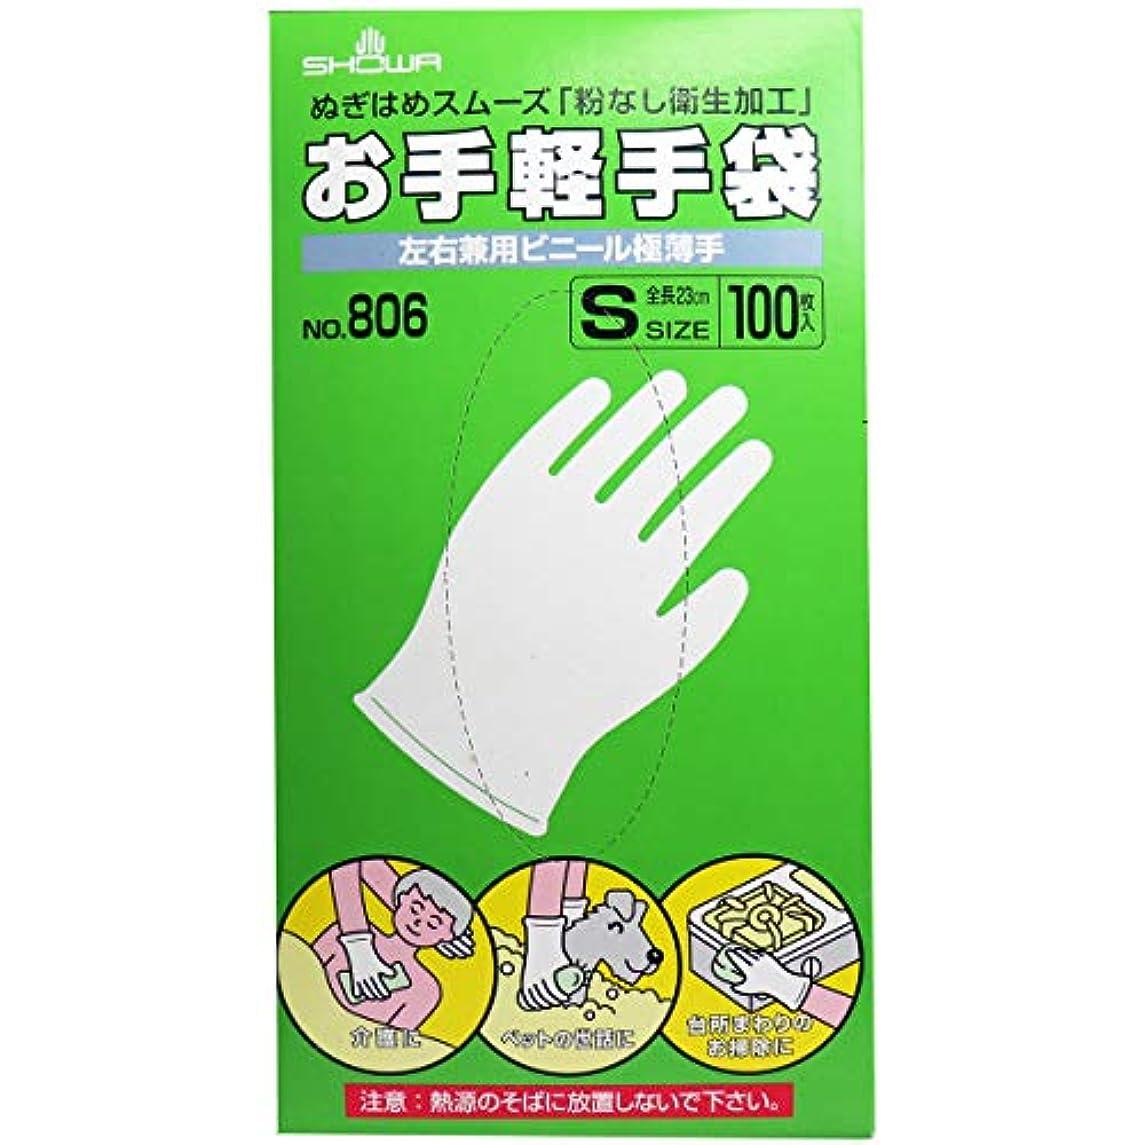 疑い修正するラブお手軽手袋 No.806 左右兼用ビニール極薄手 粉なし Sサイズ 100枚入×5個セット